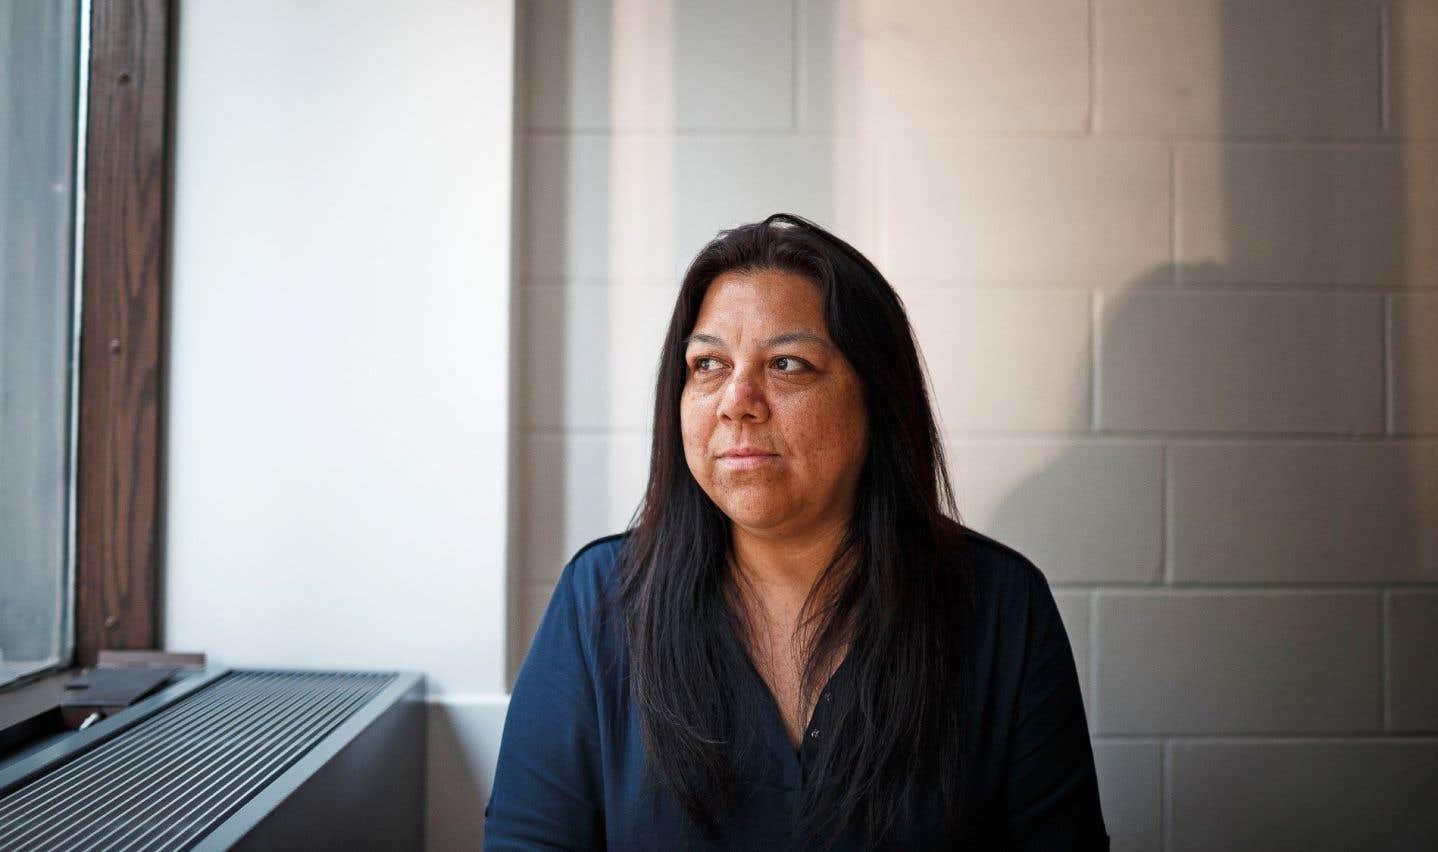 Durant ses longues années d'étude, Janine Metallic a constamment souffert de l'éloignement de sa communauté.